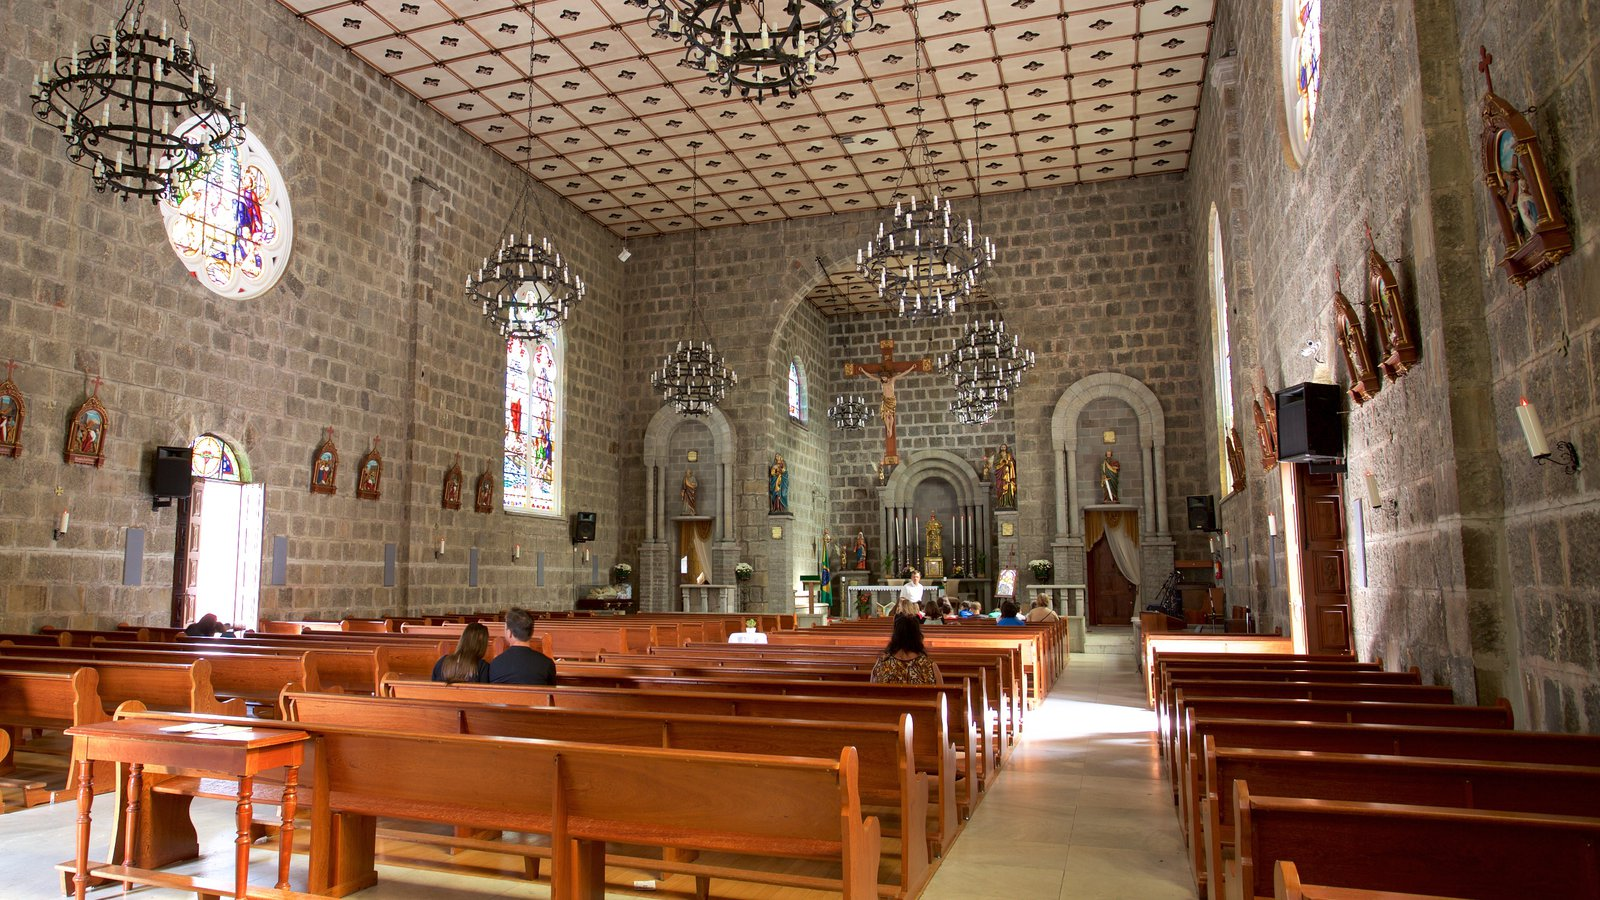 Paróquia de São Pedro Apóstolo mostrando vistas internas e uma igreja ou catedral